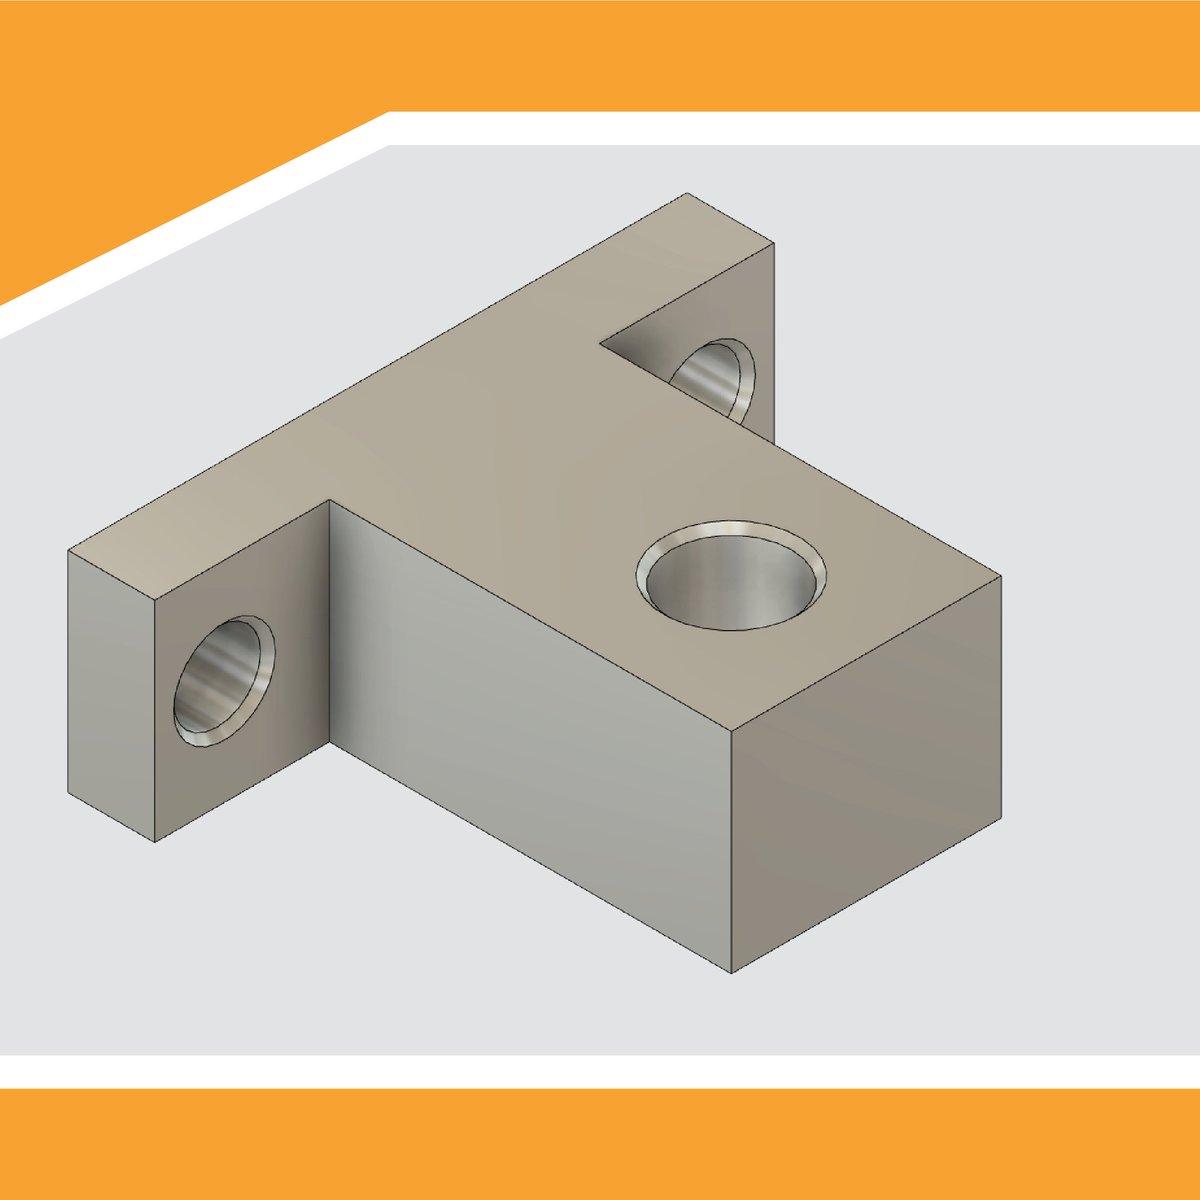 Presto altri pezzi! Questo è un supporto per assi lineari che utilizzerò per gli assi del carrello Z. #cnc #diy #fusion #fusion360 #autodesk #3Dprint #3Dparts #fusion360cam #homemadecnc #cnchomemade